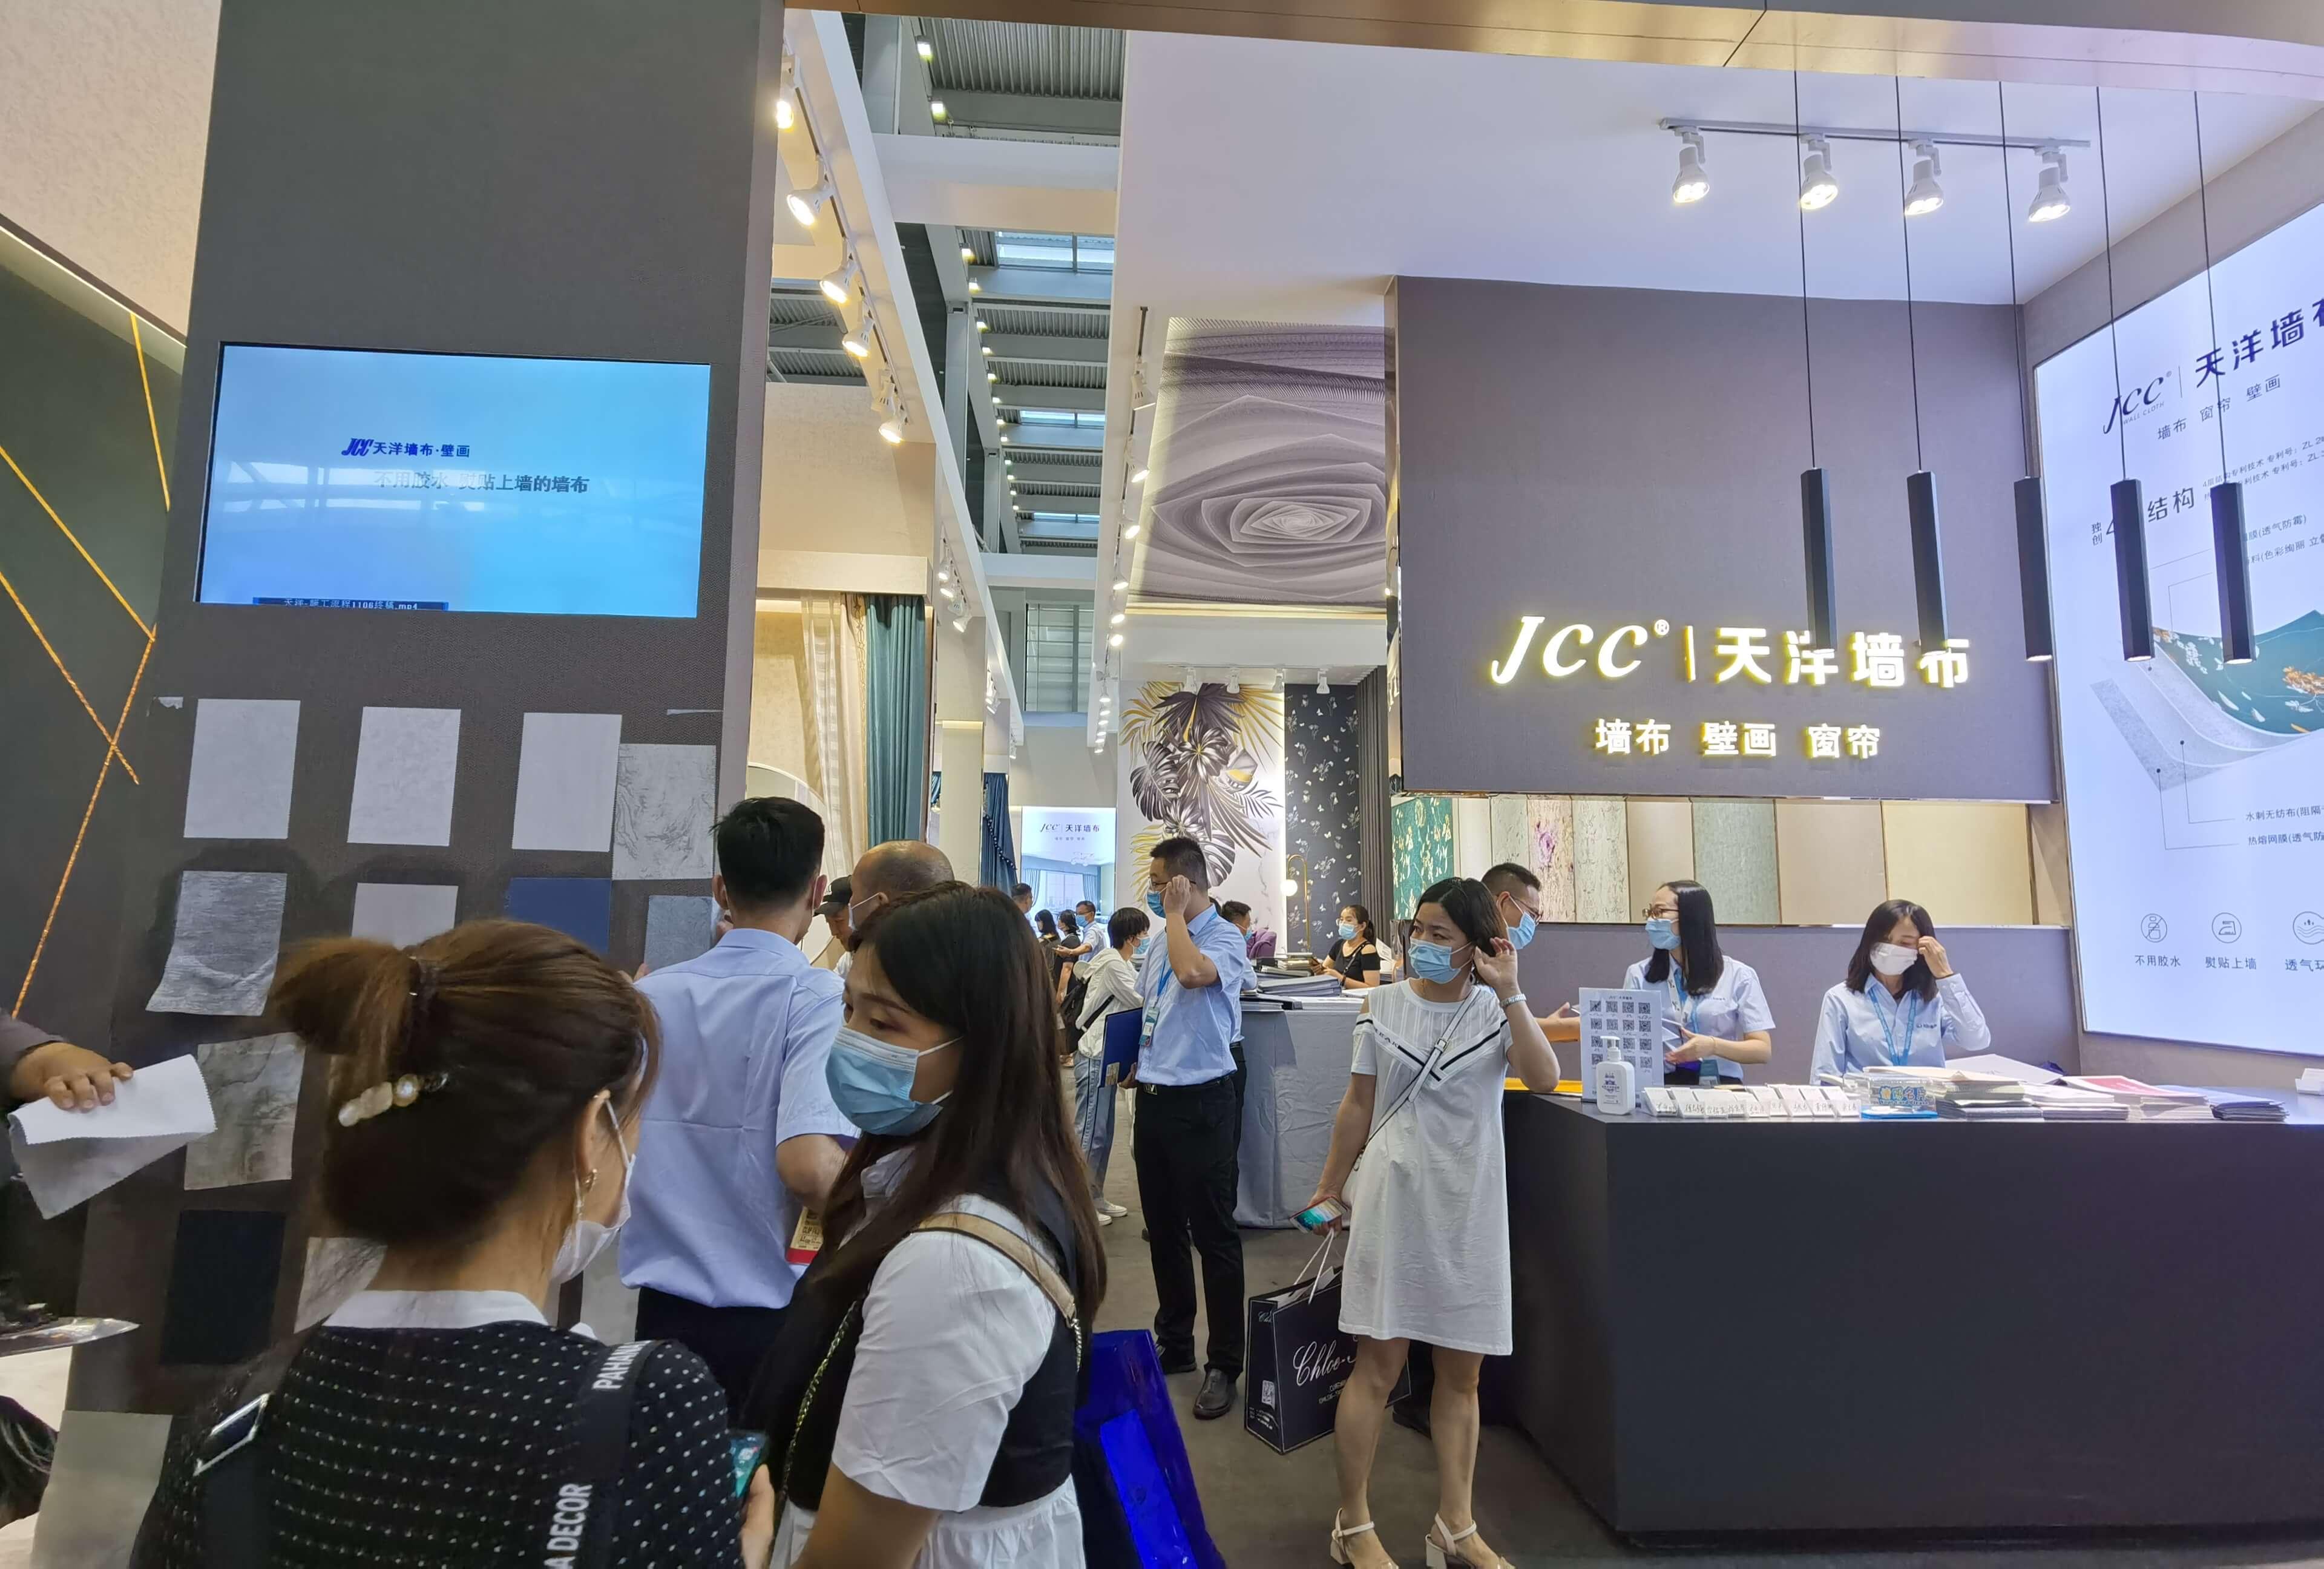 JCC天洋深圳展会展厅